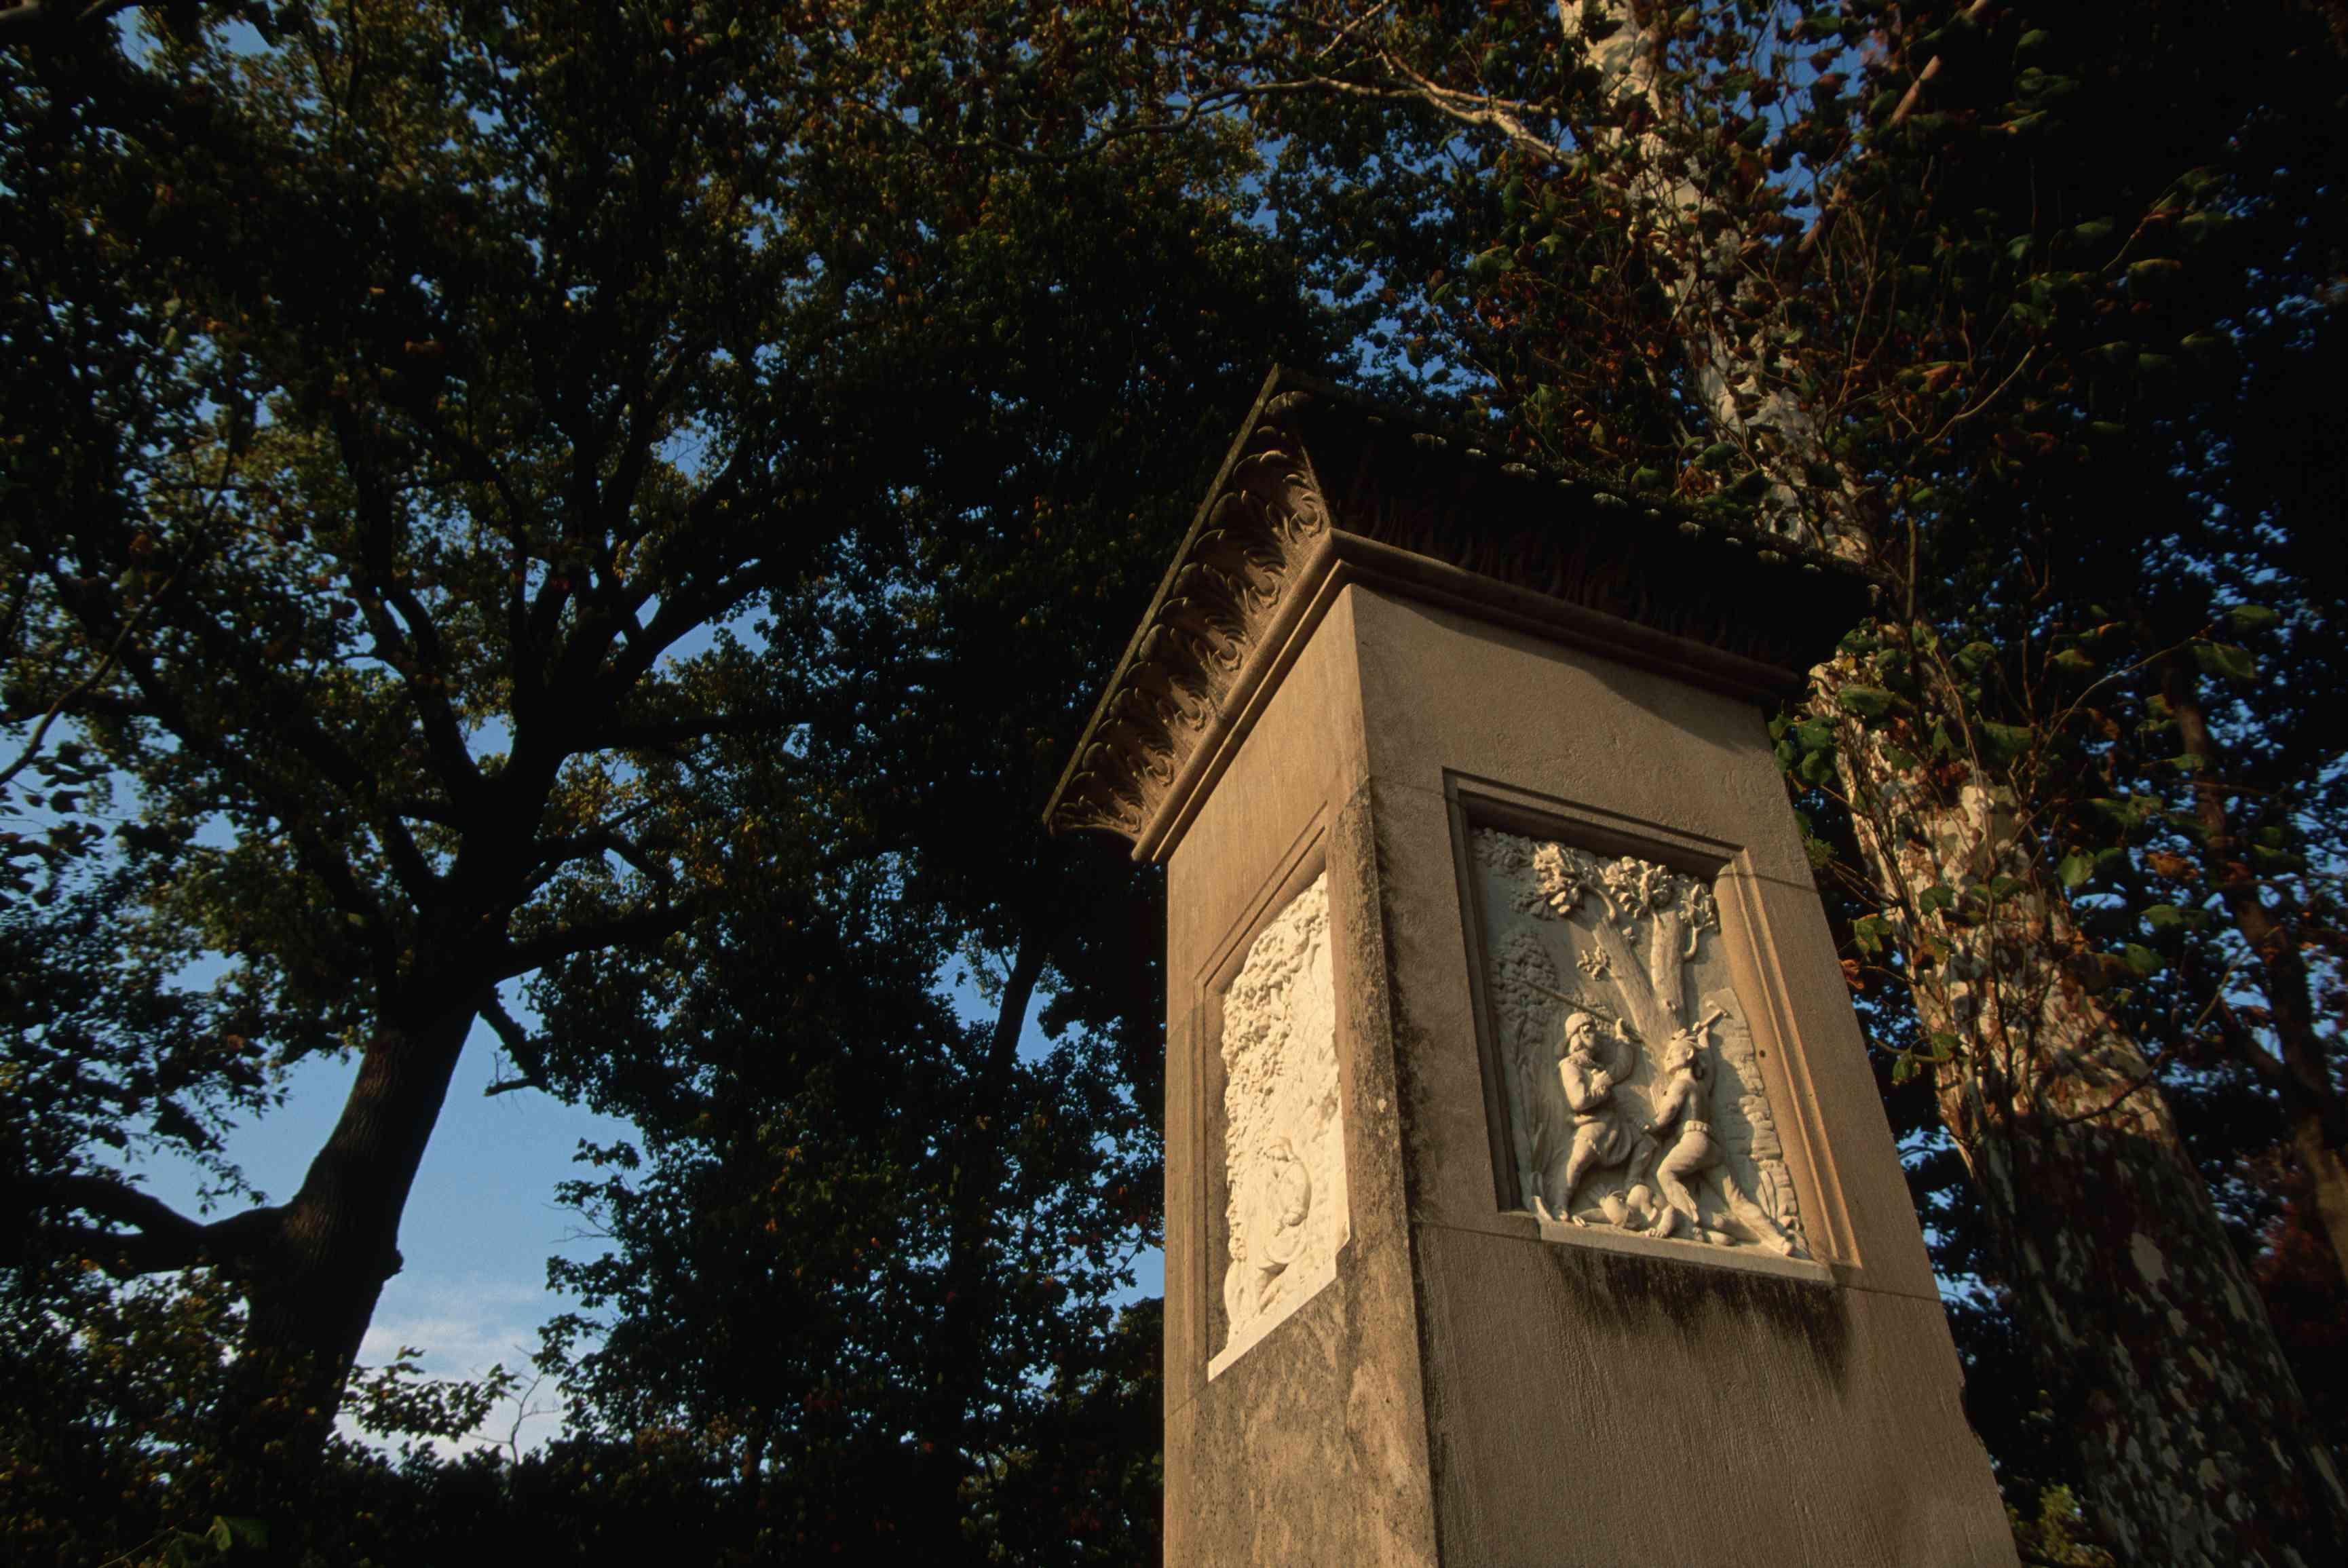 Daniel Boone's Grave Marker